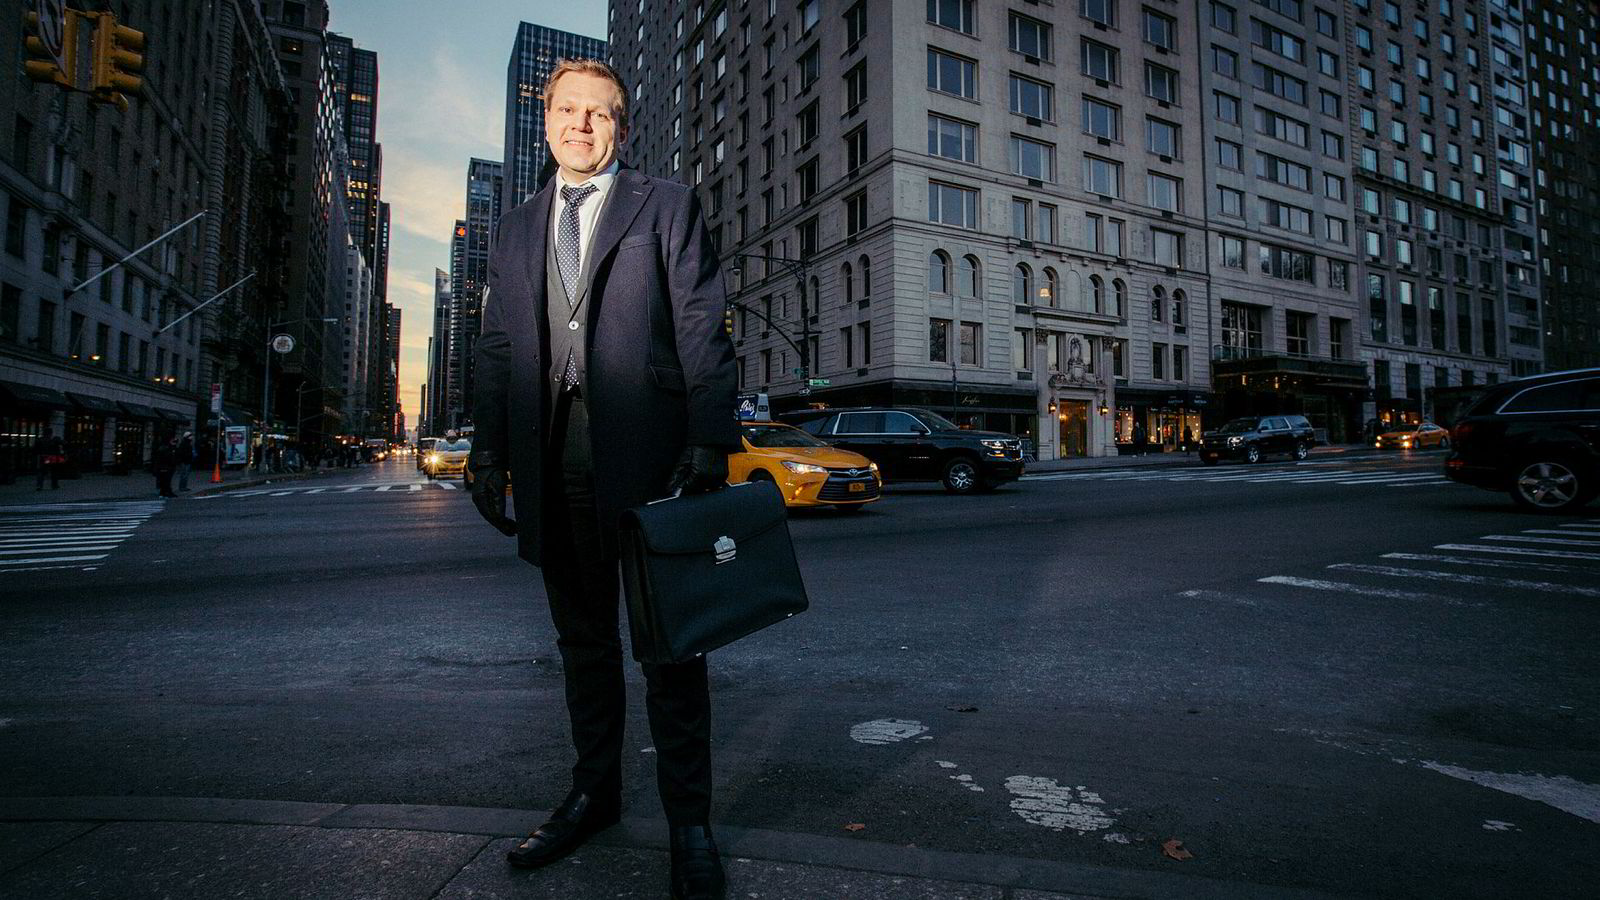 Sjefstrateg Leif-Rune Rein i Nordea Wealth Management tror det fundamentale i global økonomi vil seire på sikt.